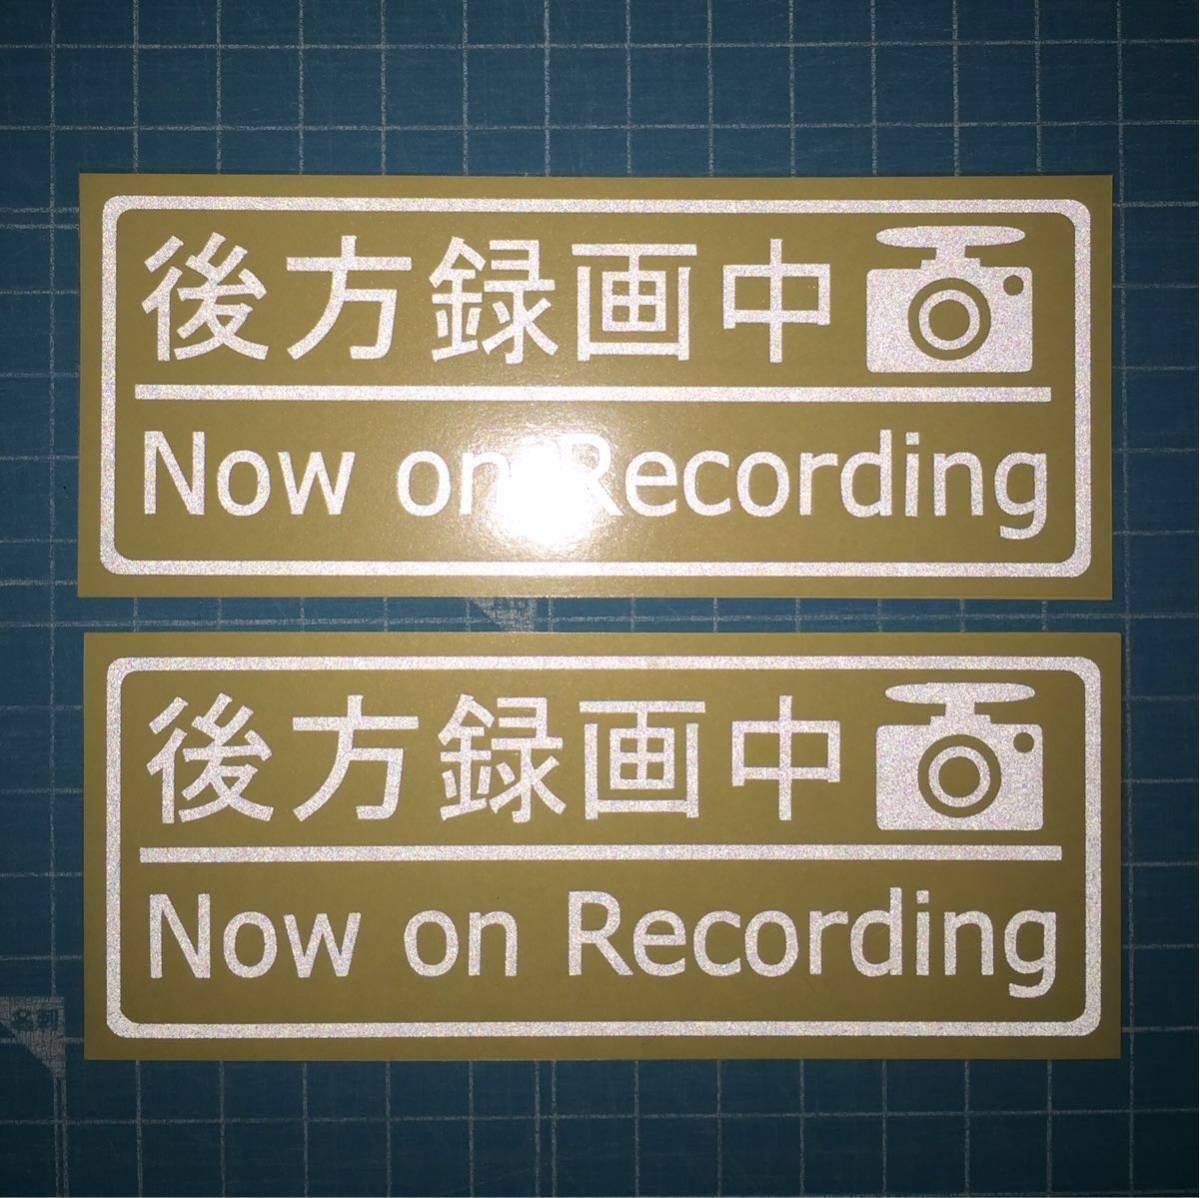 送料無料 反射ドライブレコーダー セキュリティ ステッカー 2枚組 反射シルバー 後方録画中 ドラレコ19 ヘラフラ usdm